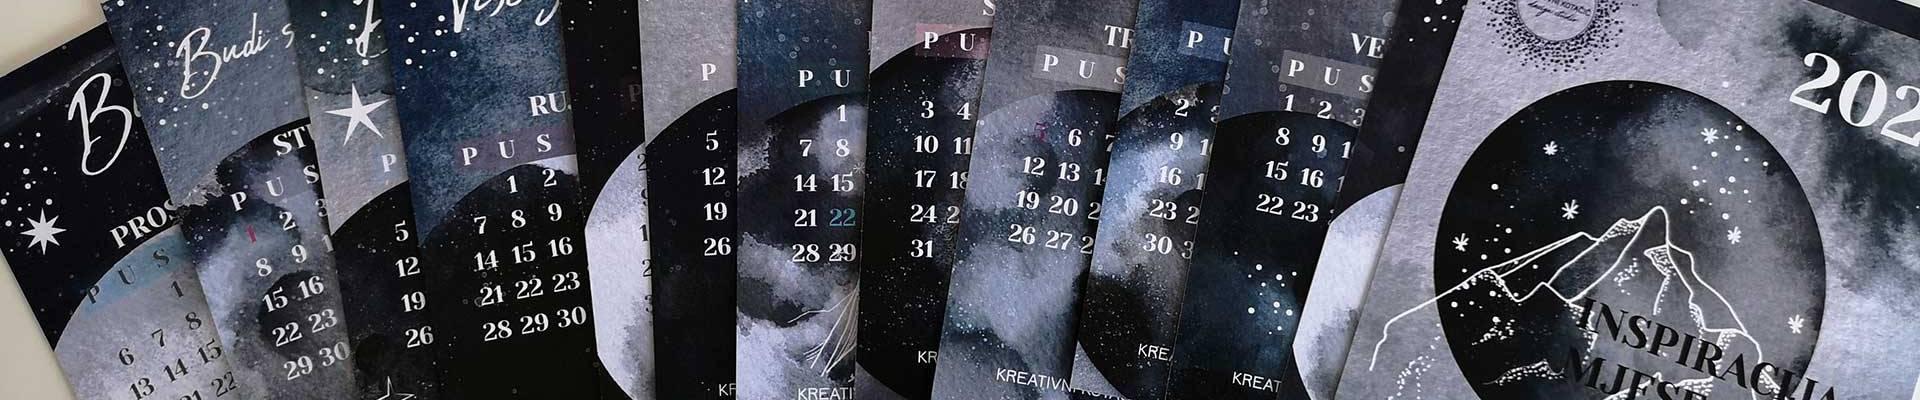 """Maja Škiljaica predstavlja nam """"Inspiration kolekciju"""" kalendare osmišljene srcem i daškom pozitive!"""